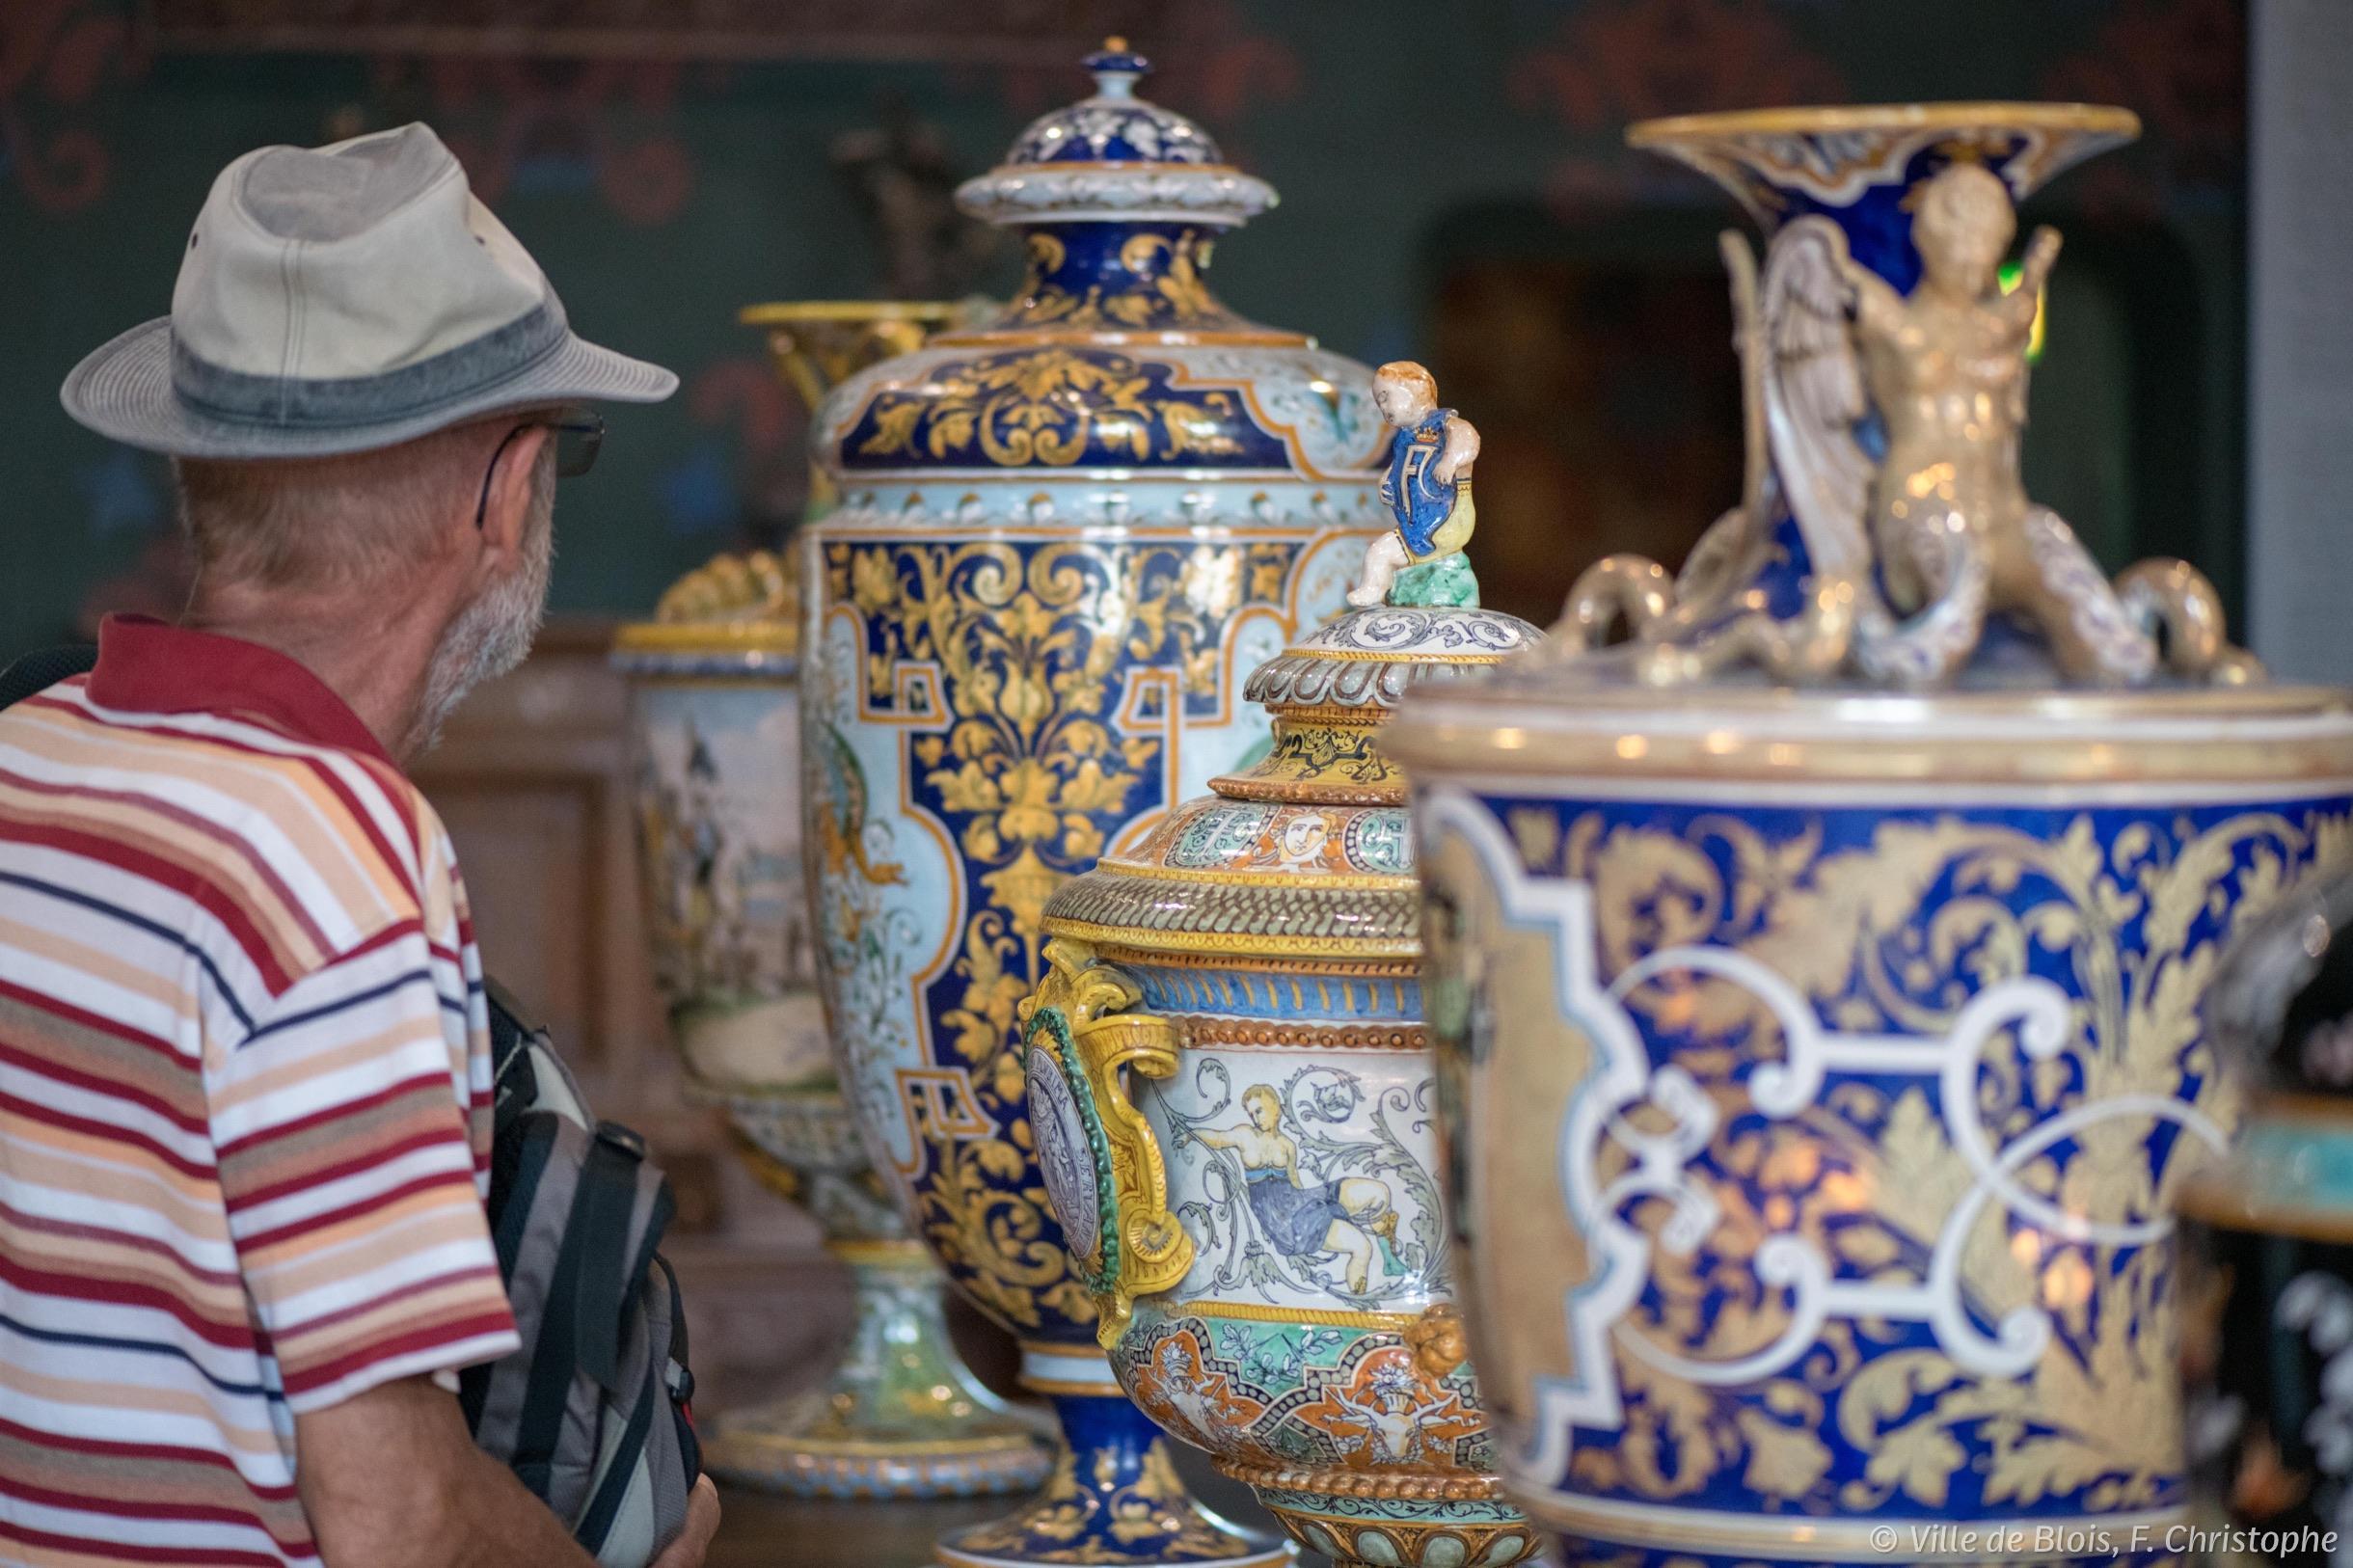 Les vases en céramiques, peints, exposés dans les appartements royaux du Château royal, regardés de près par un visiteur.